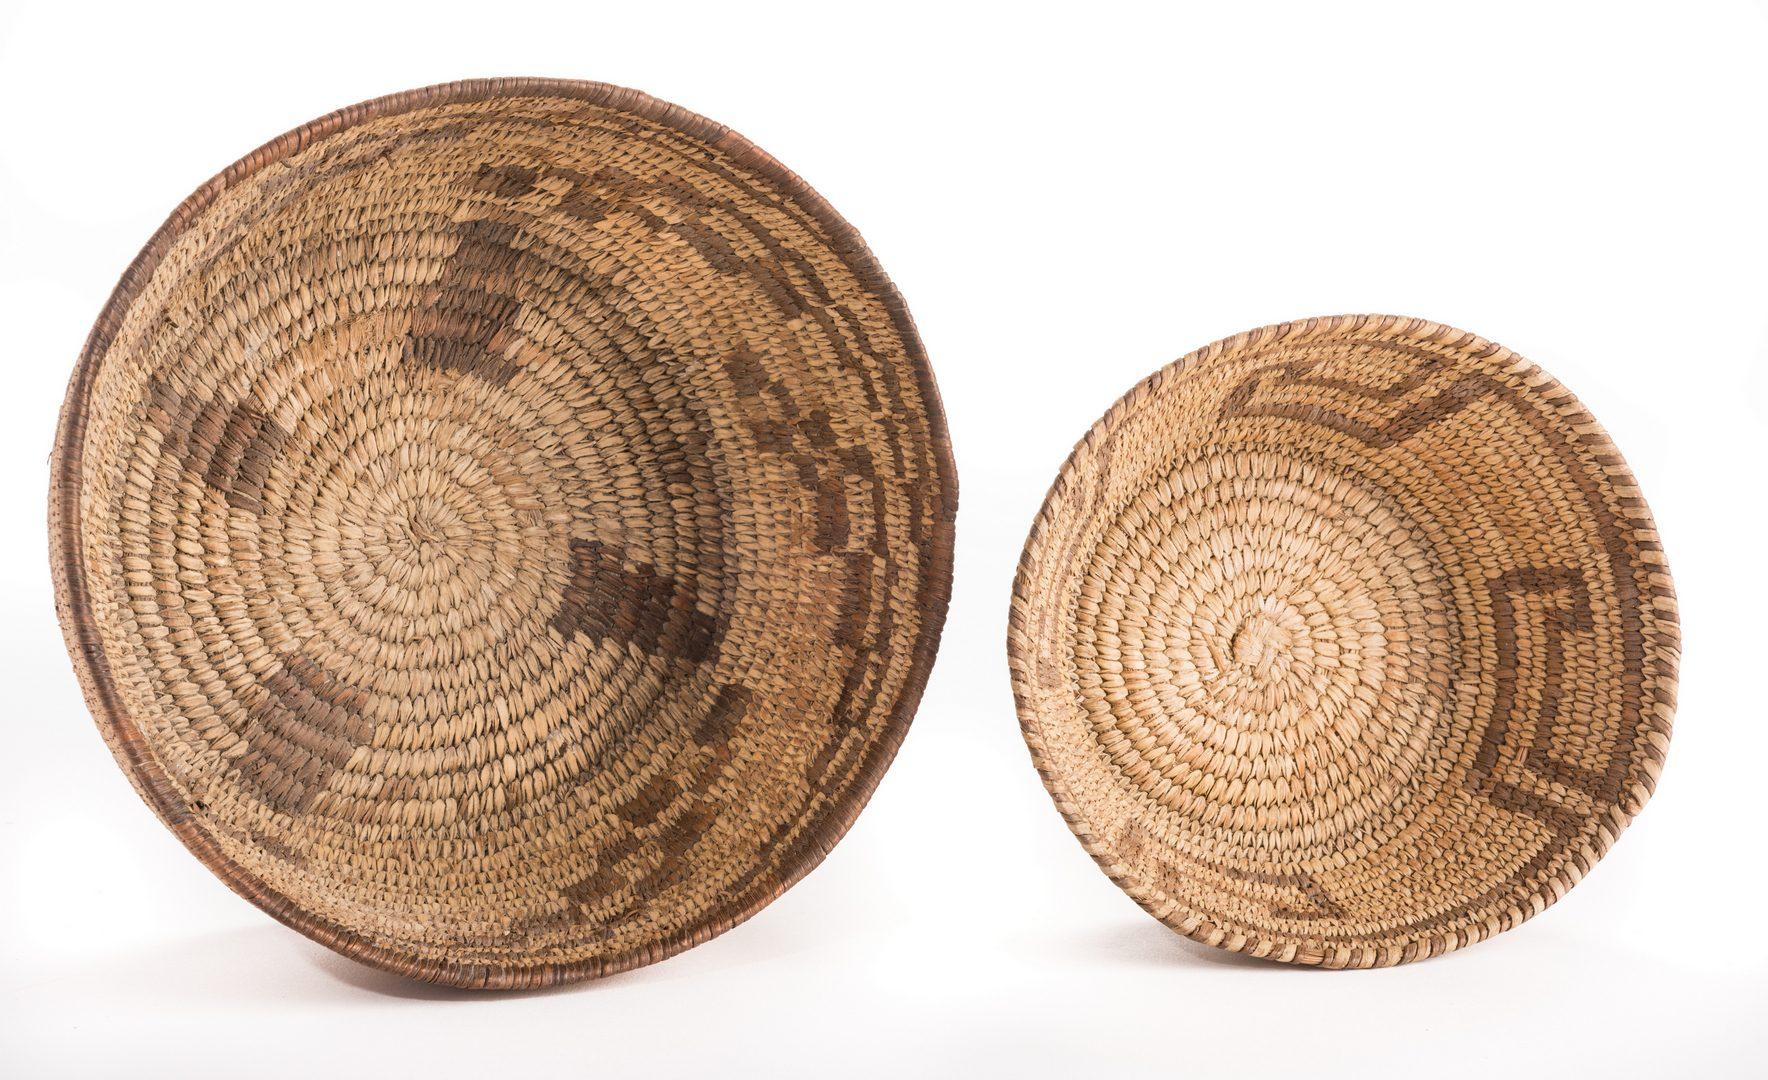 Lot 388: 6 Native American Papago Baskets